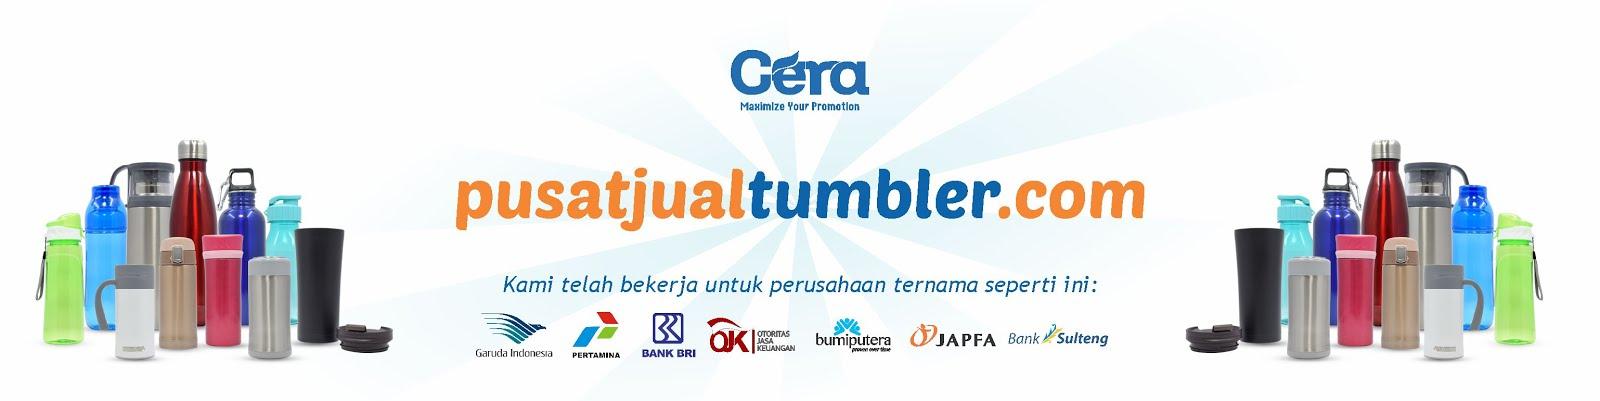 Pusat Jual Tumbler Terlengkap | Produsen Souvenir Tumbler Murah | Daftar Harga Tumbler Promosi